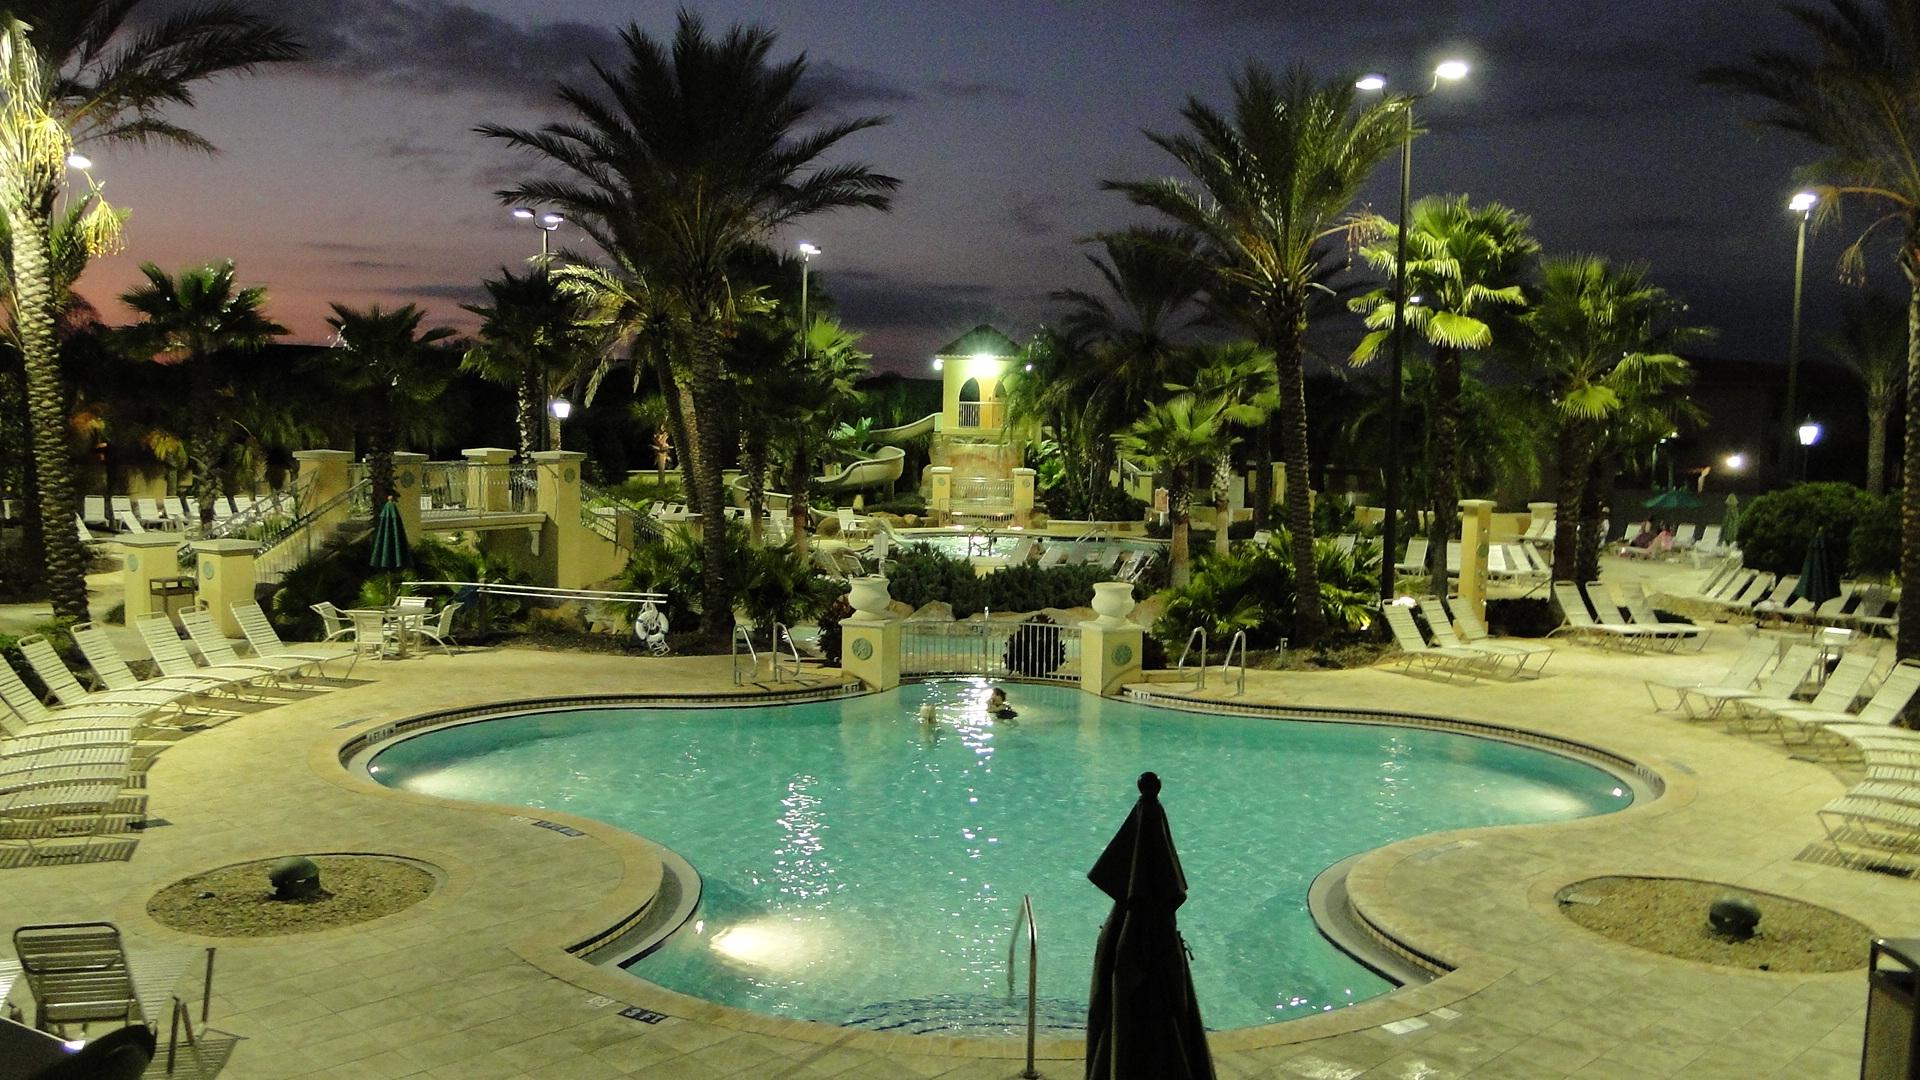 Regal Palms Davenport Orlando Florida Usa